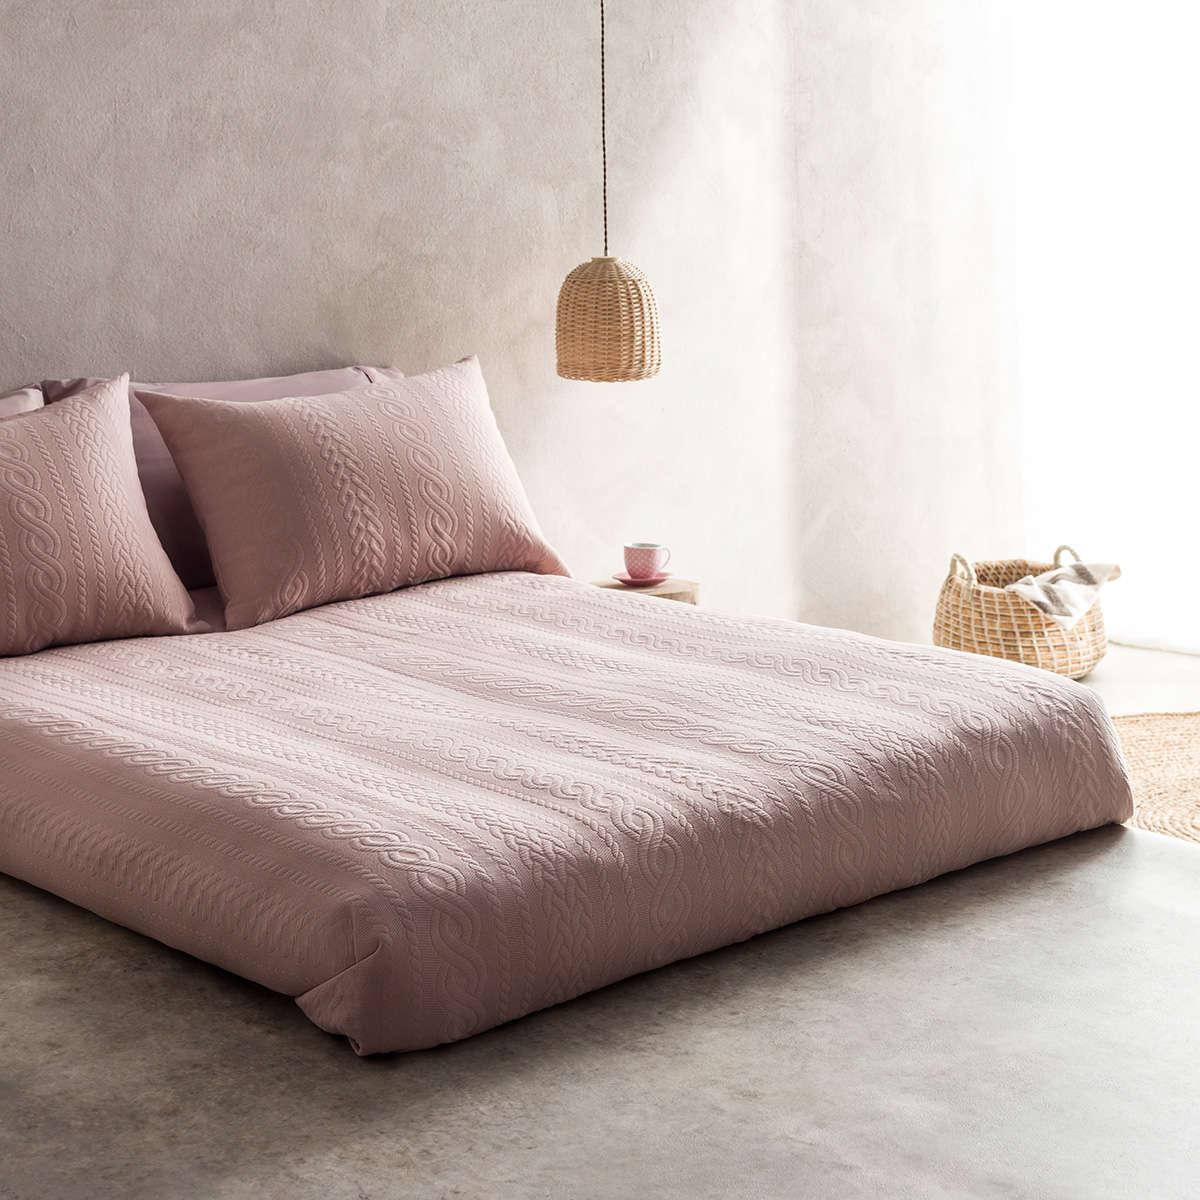 Κουβερτόριο Meche Pink 989B/17 Gofis Home Μονό 170x230cm